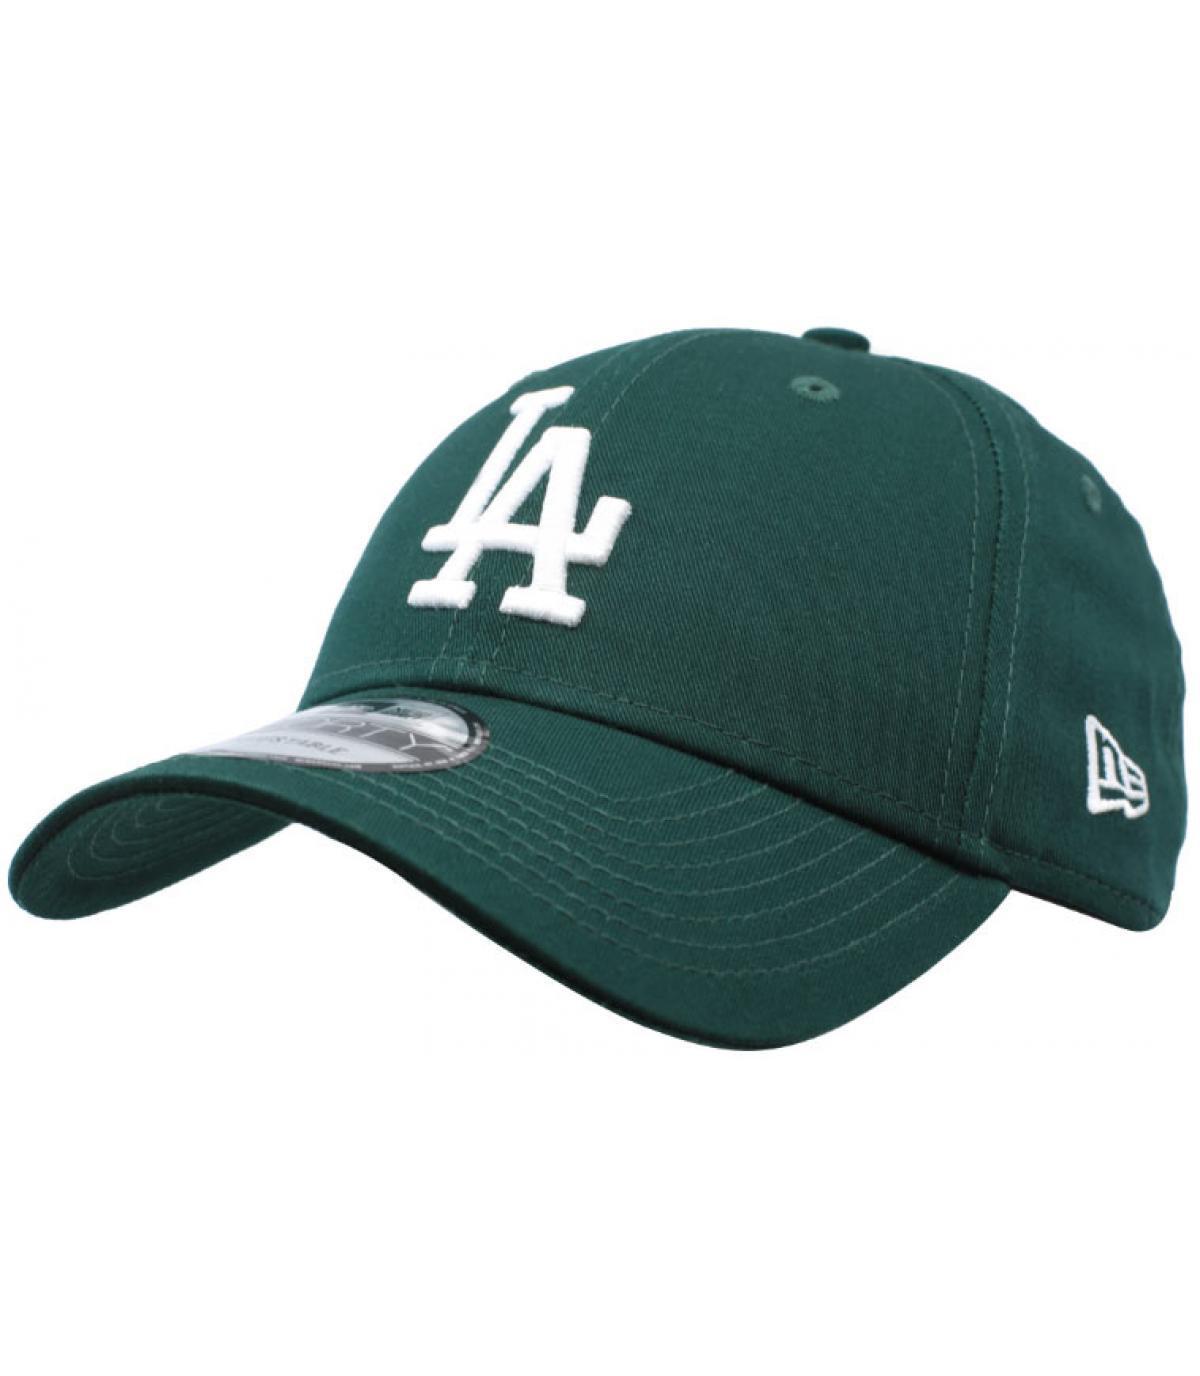 Details Cap League Ess 9Forty LA dark green - Abbildung 2